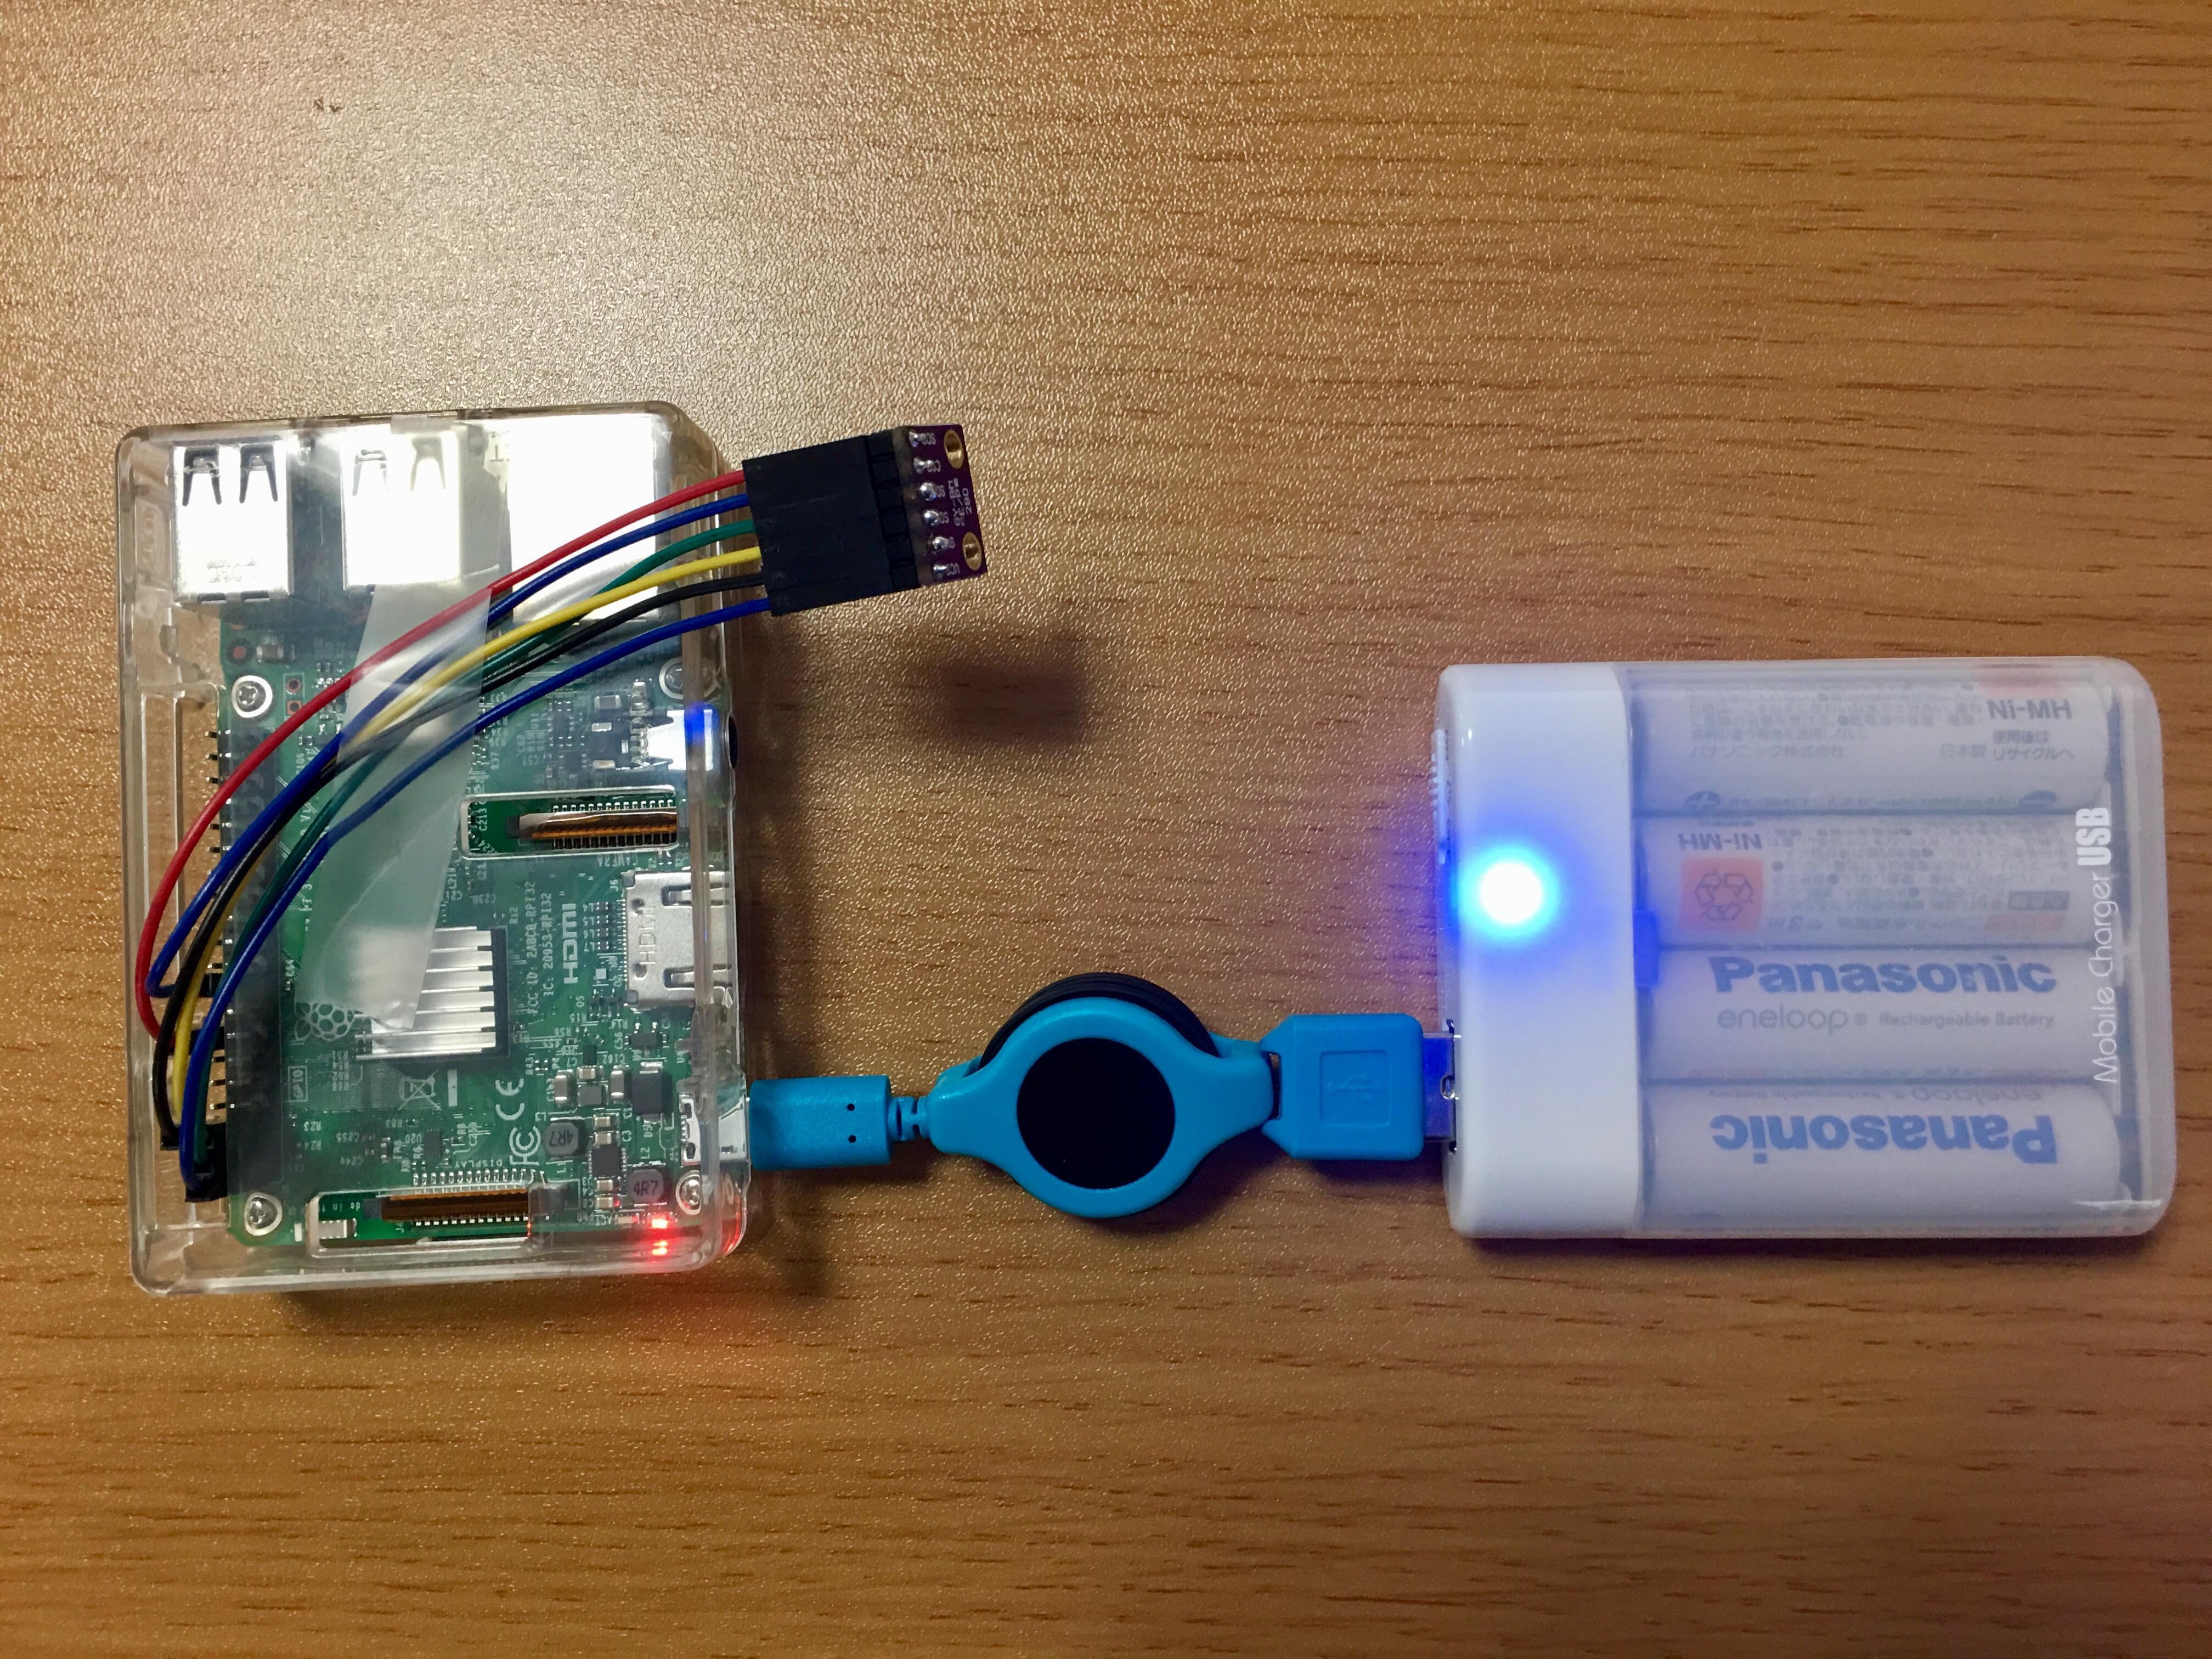 ラズベリーパイ3とBME280で温度・湿度・大気圧センサーをつくる。